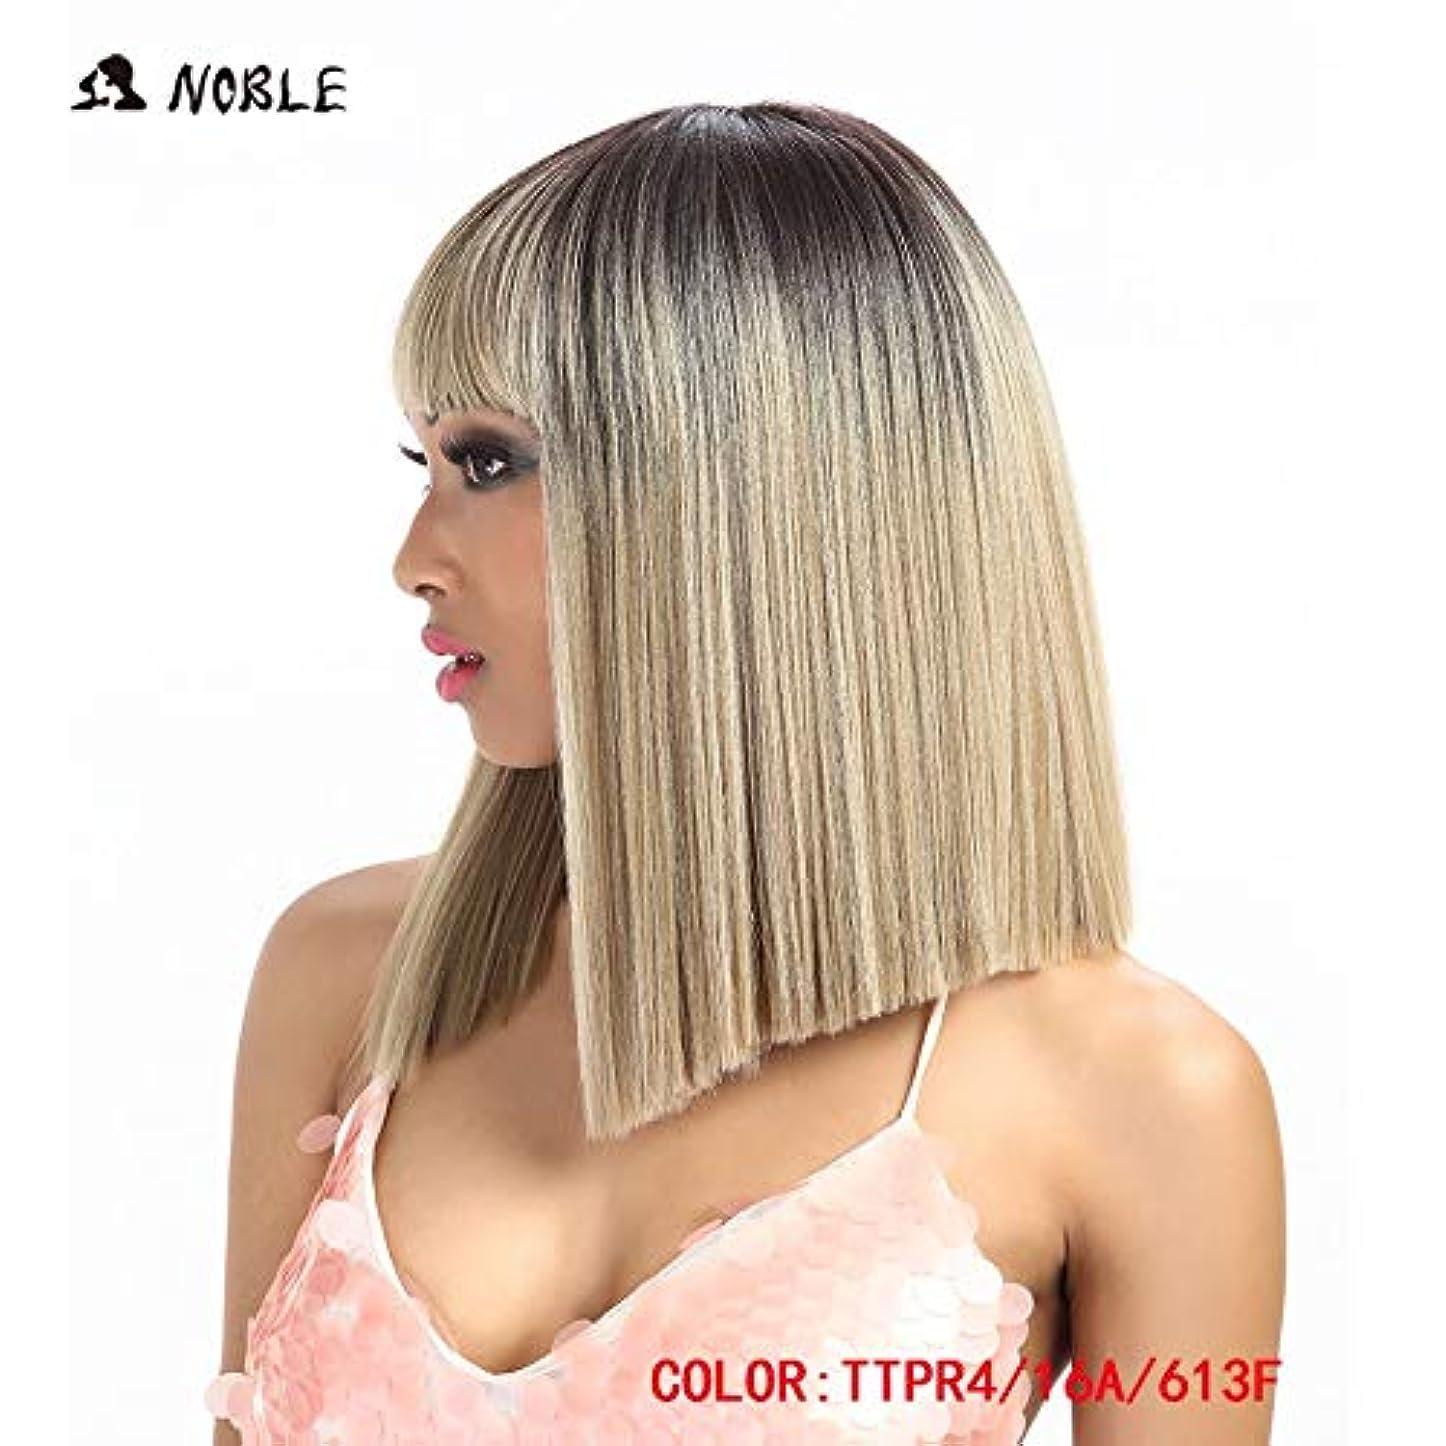 規定スカート開梱女性の好きなウィッグ 合成かつらのために黒人女性/ 613ホワイト女性ショートウィッグストレート14インチブロンドコスプレウィッグ髪の合成レースフロントウィッグ (Color : TTPR4 16A 613F, Stretched Length : 14inches)